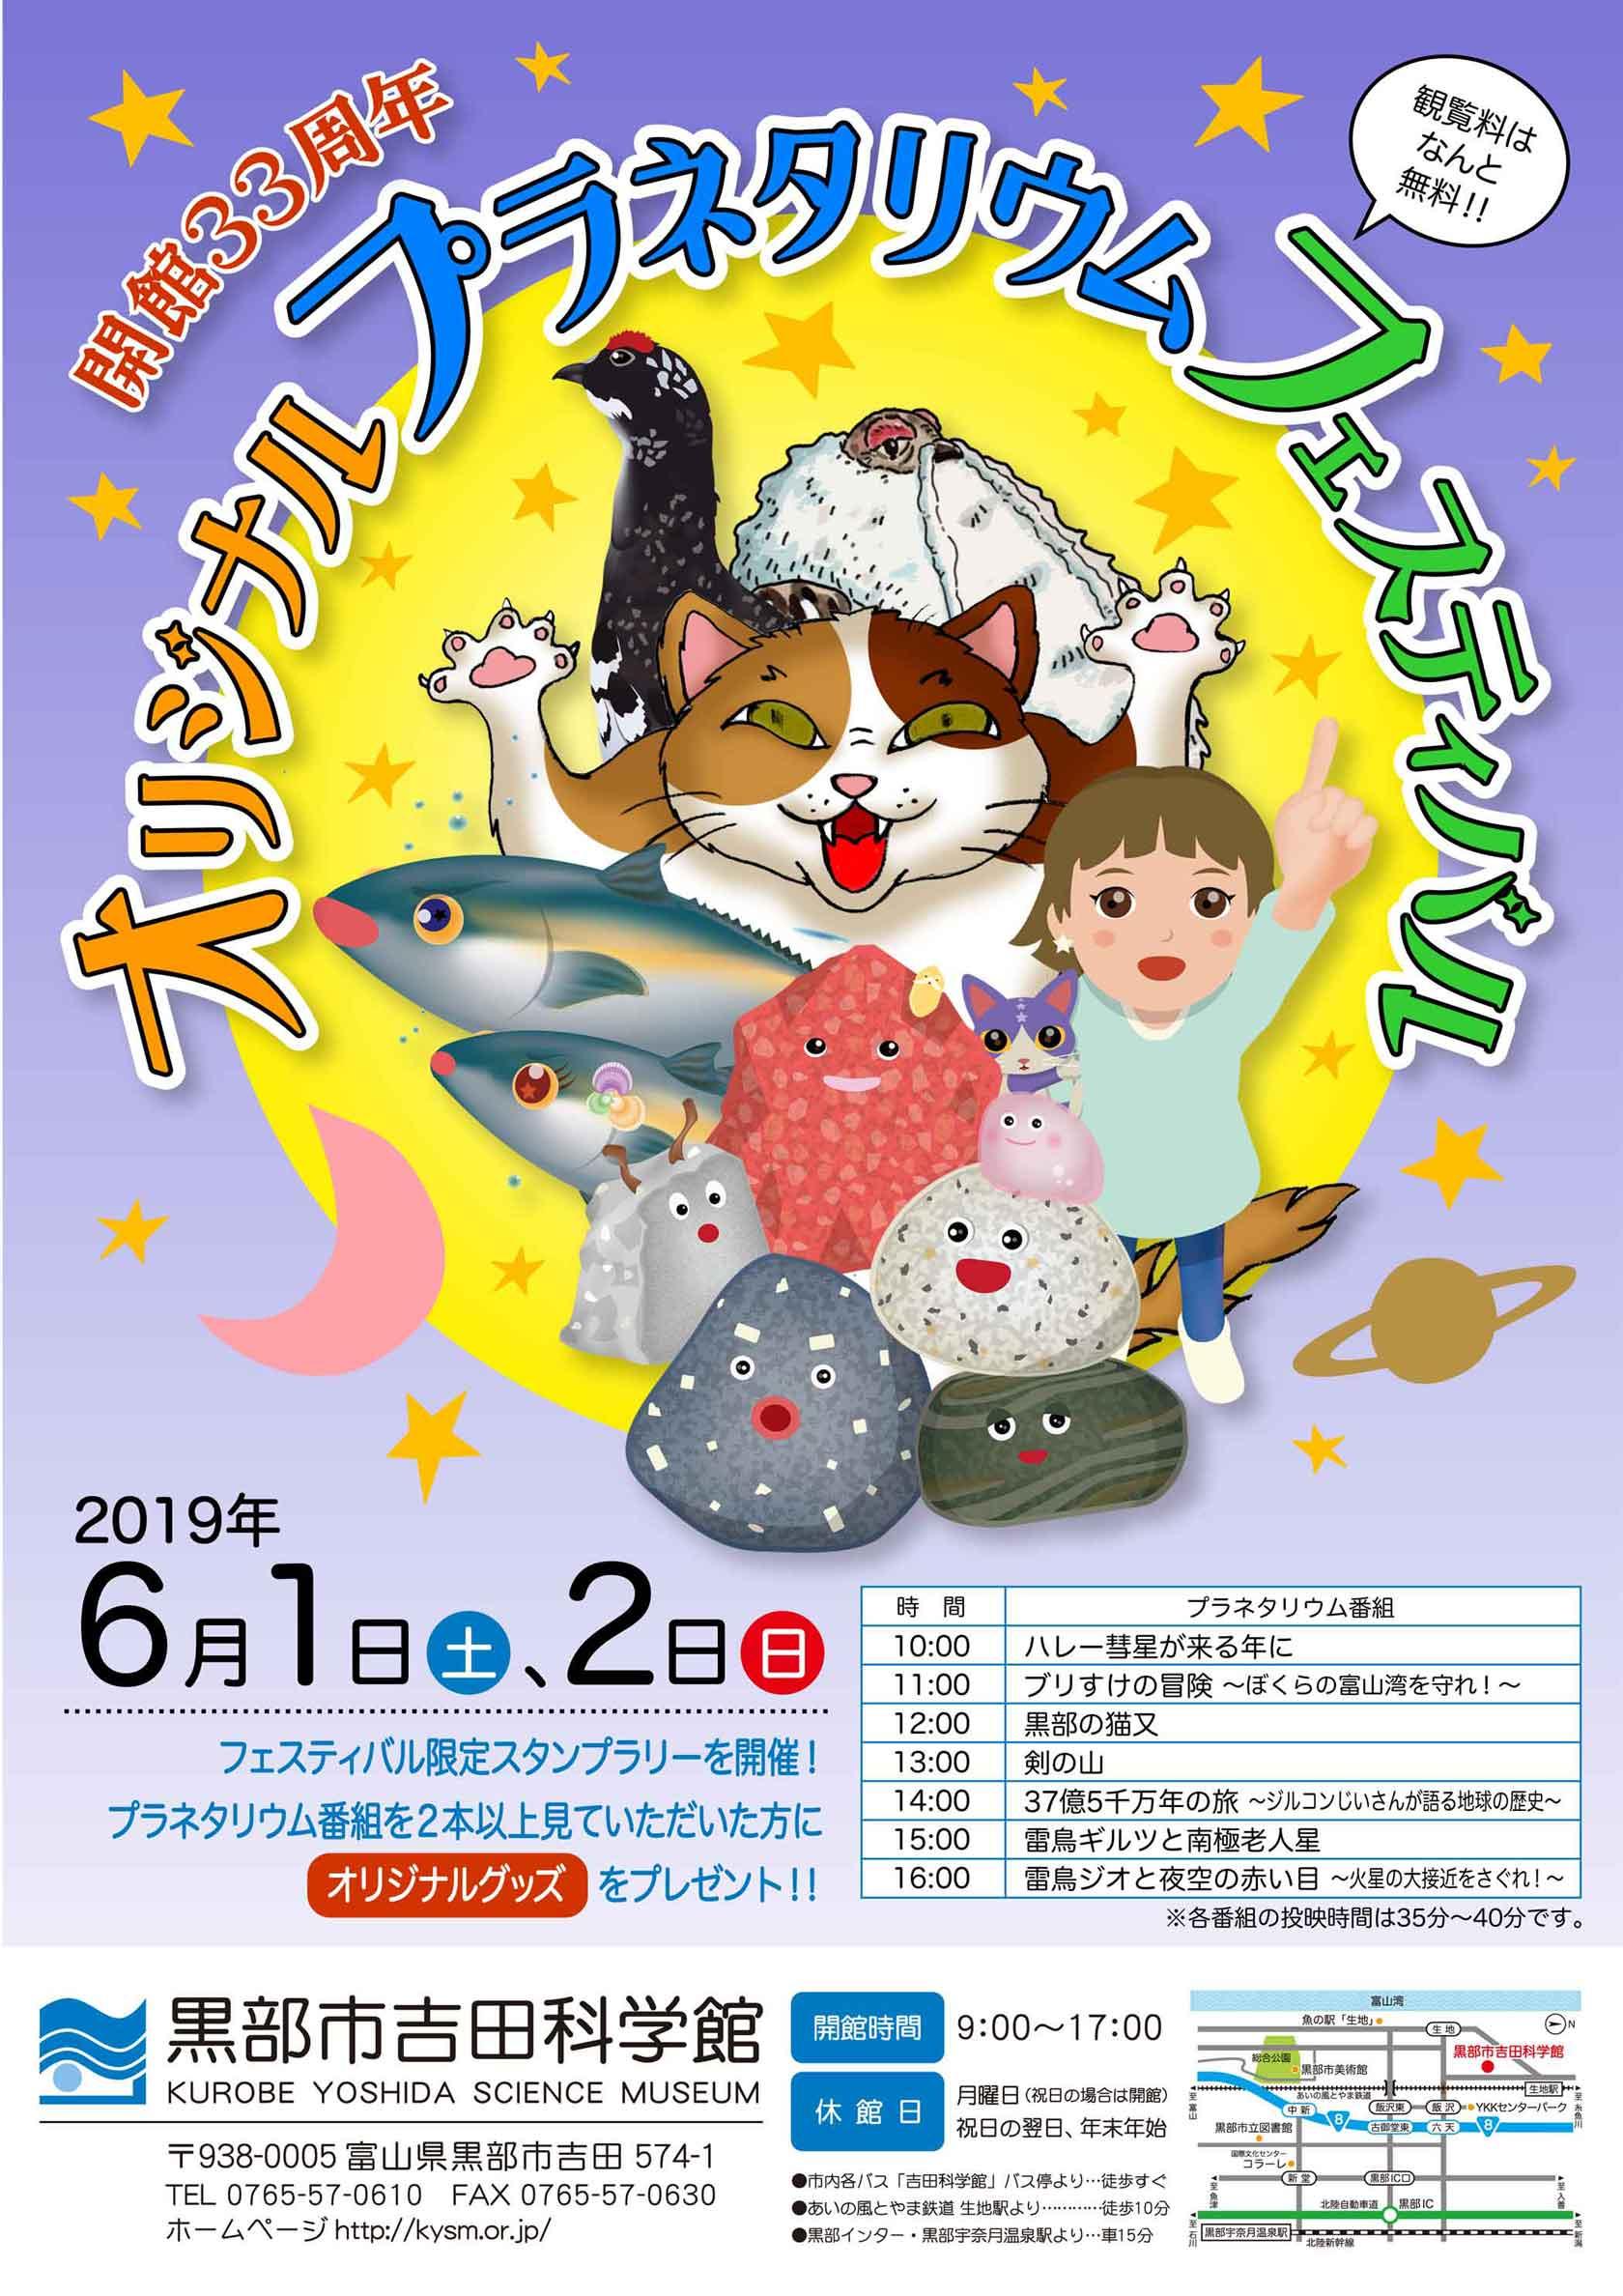 開館33周年 オリジナルプラネタリウムフェスティバル